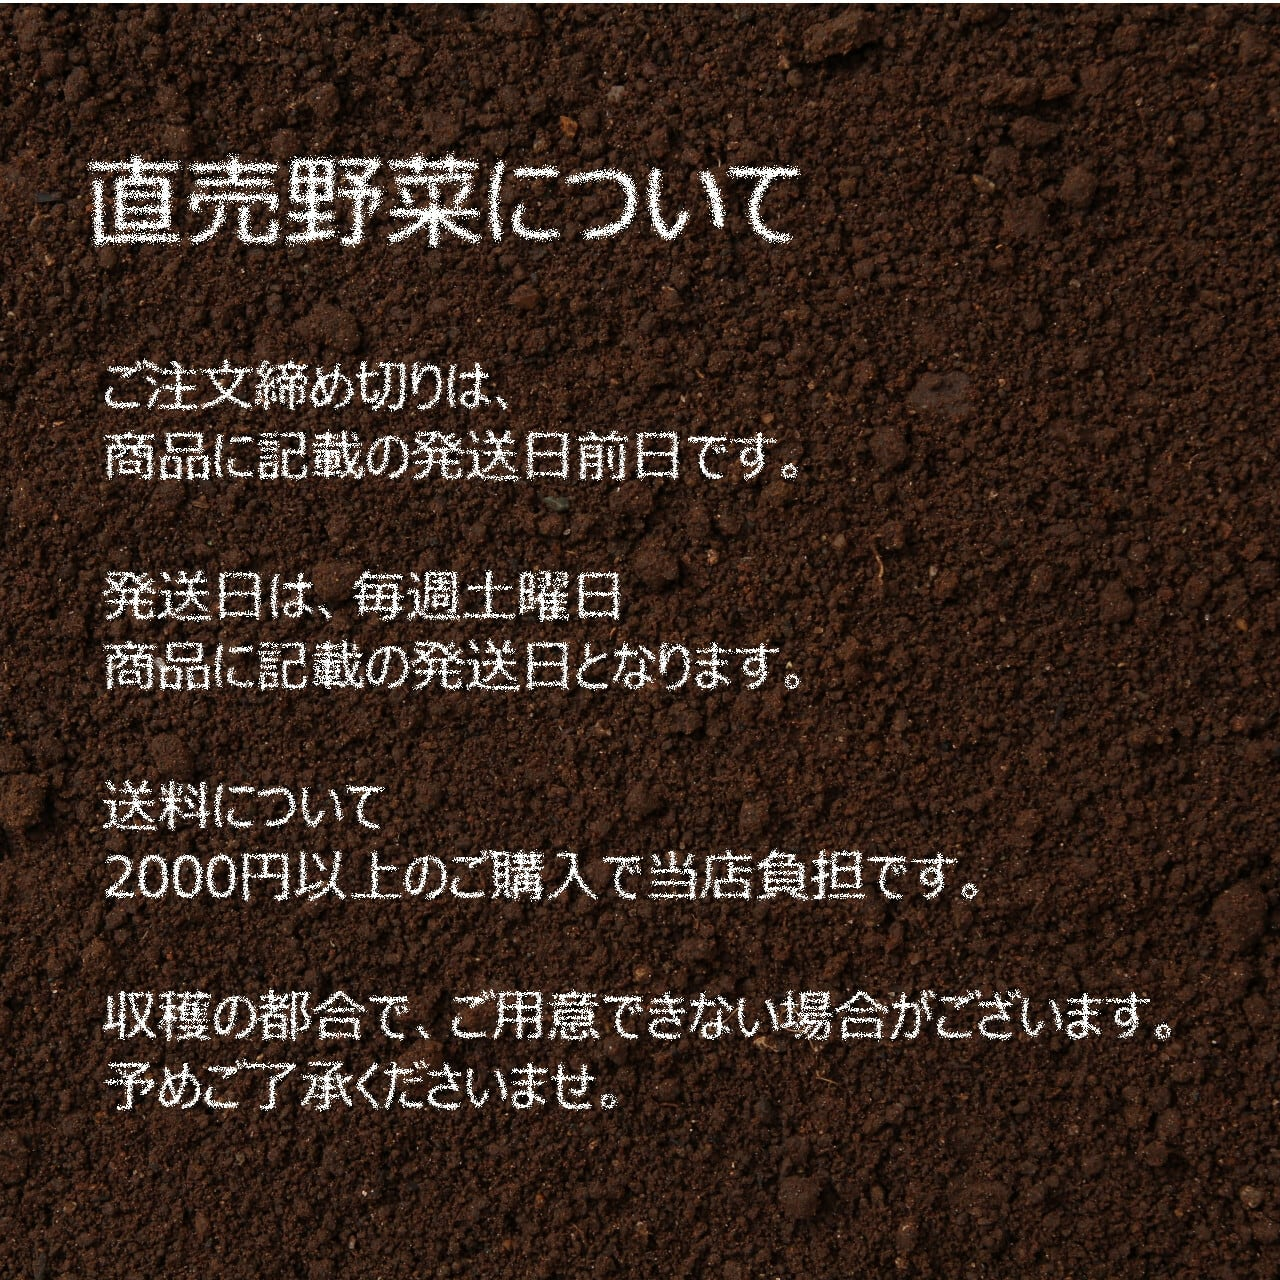 6月の新鮮野菜 : インゲン 約150g  朝採り直売野菜  6月26日発送予定